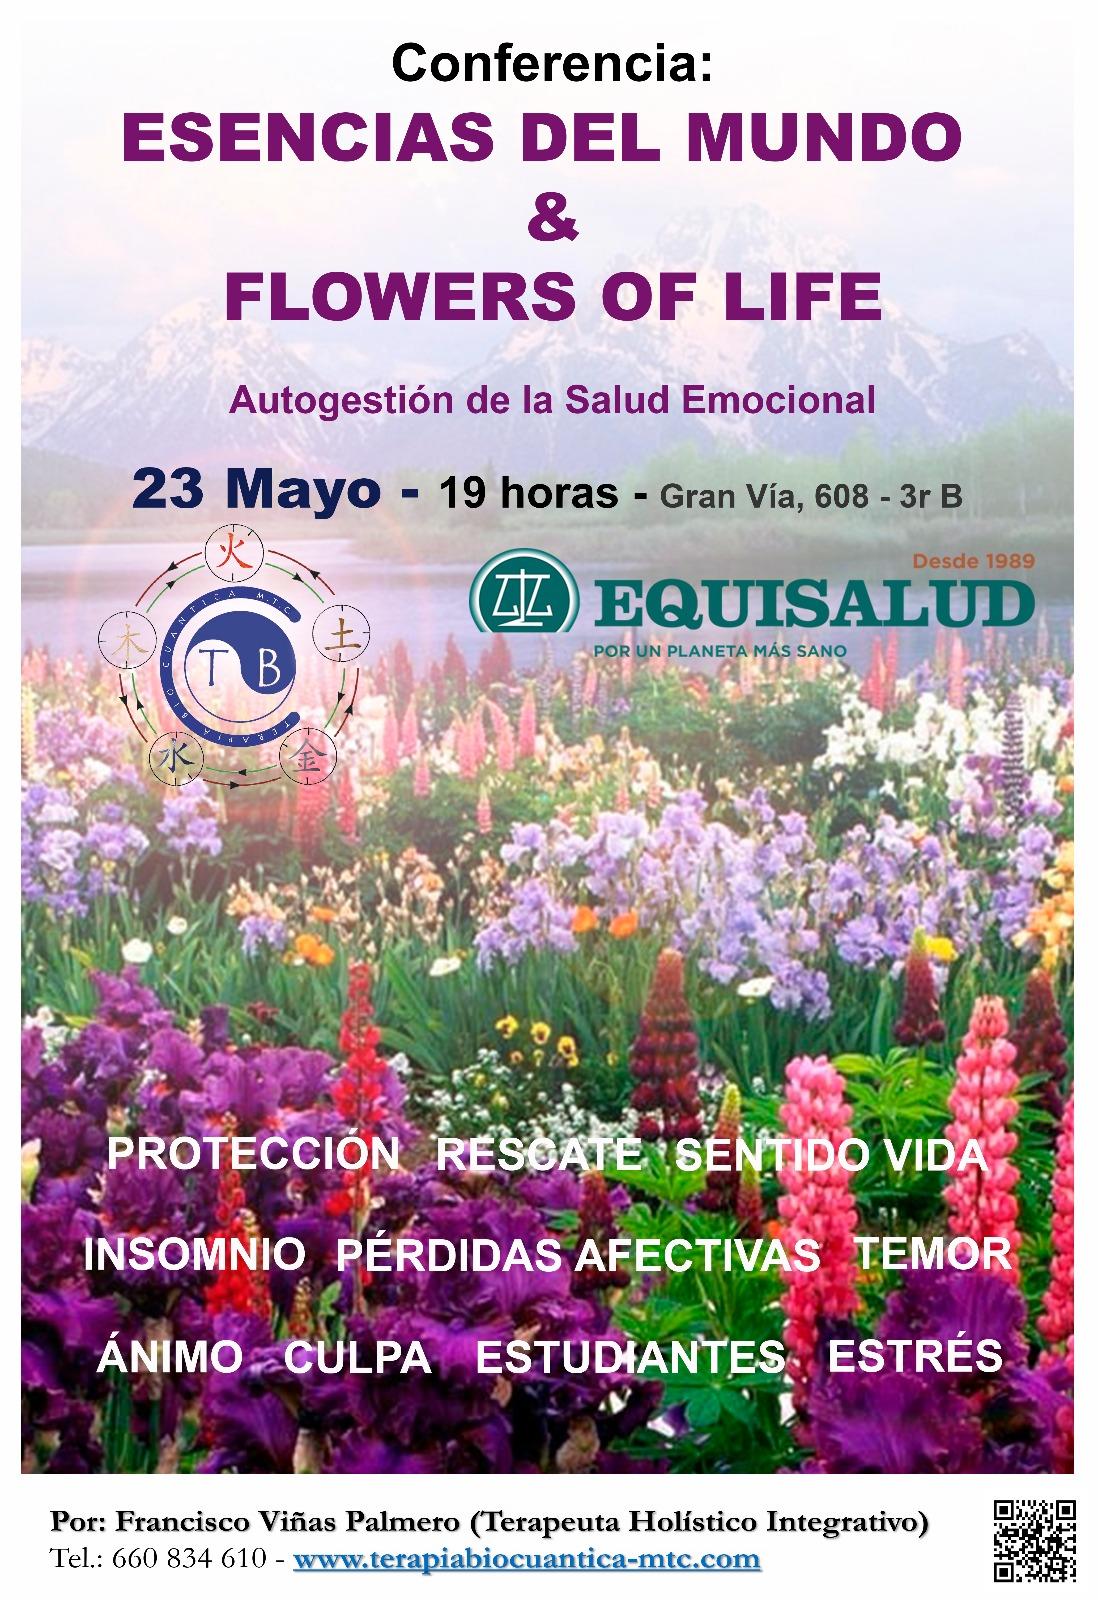 Esencias del mundo y flowers of life